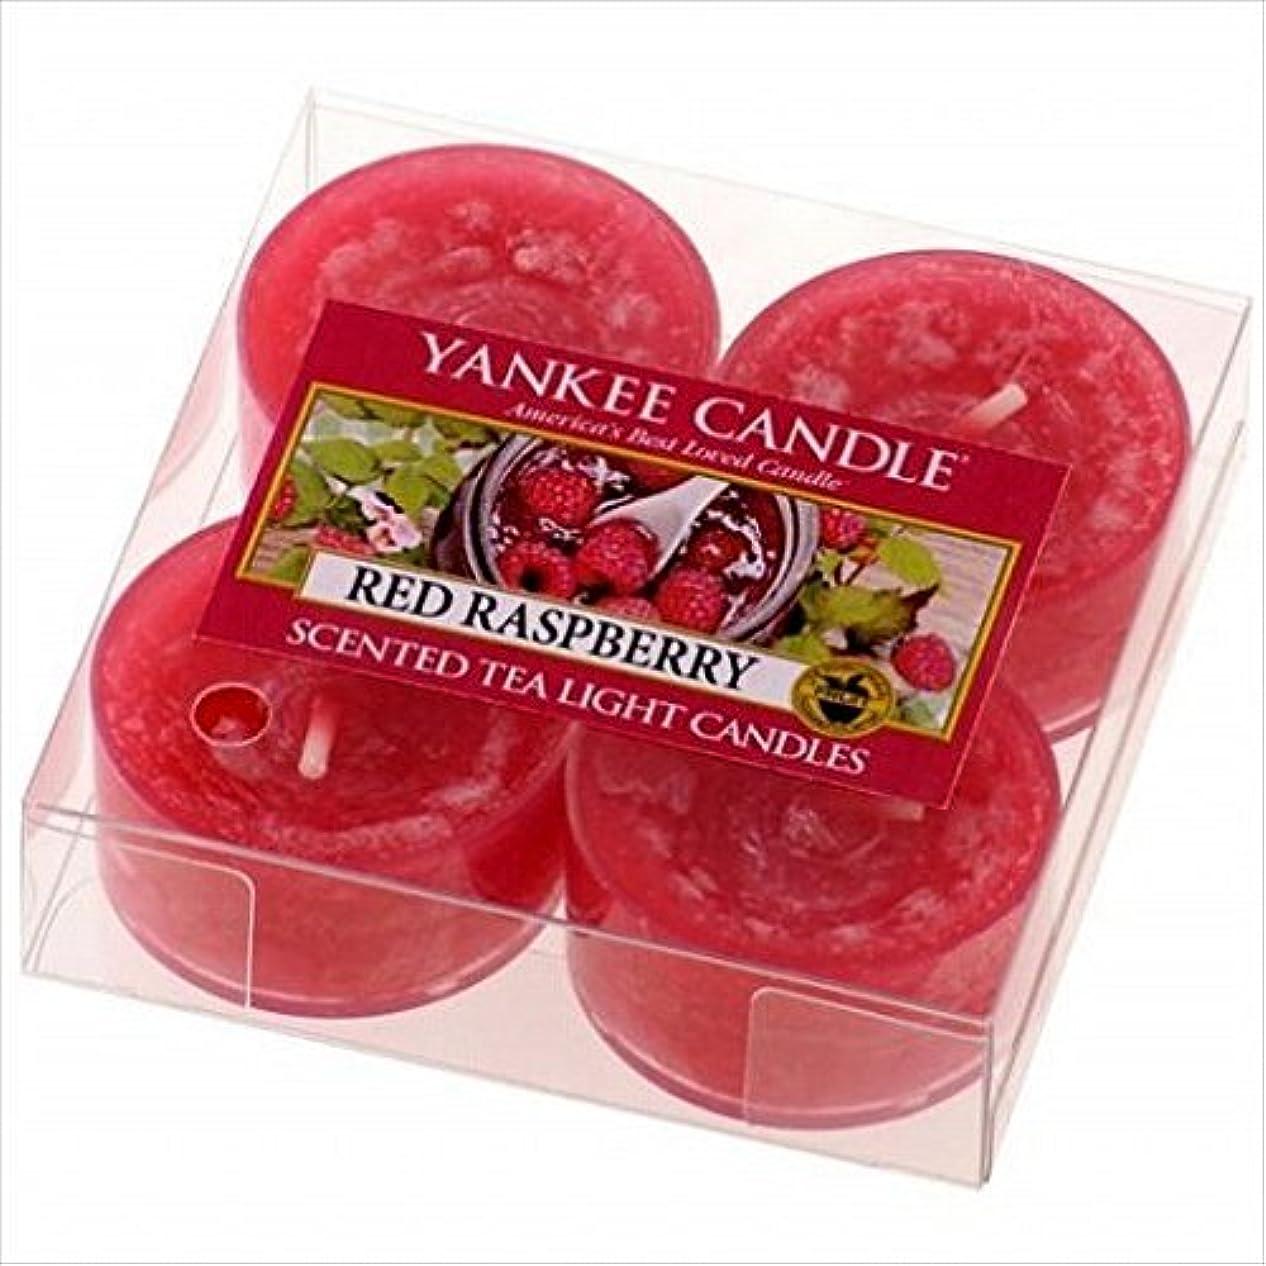 涙が出るパンチ収束YANKEE CANDLE(ヤンキーキャンドル) YANKEE CANDLE クリアカップティーライト4個入り 「 レッドラズベリー 」(K00205251)